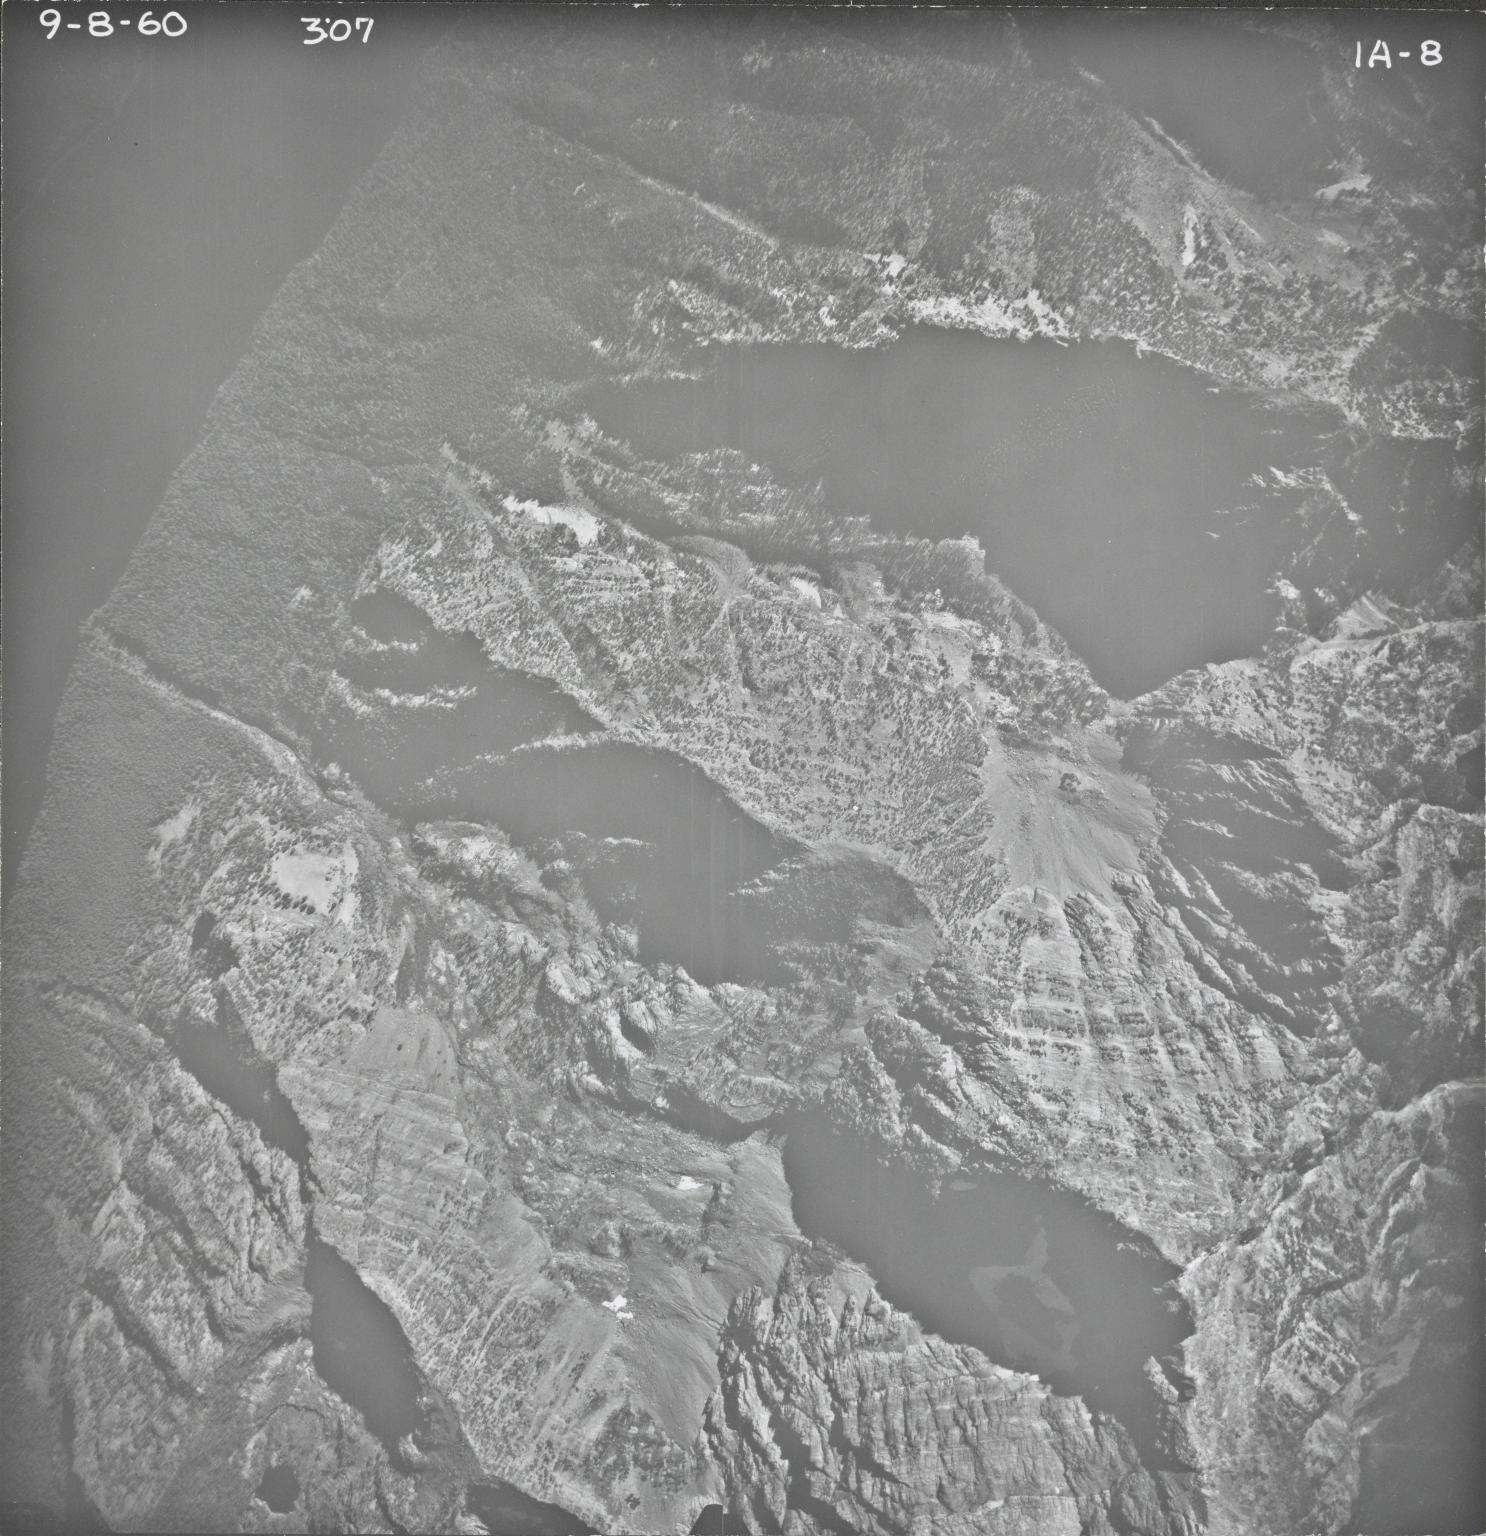 Agassiz Glacier, aerial photograph IA-8, Montana